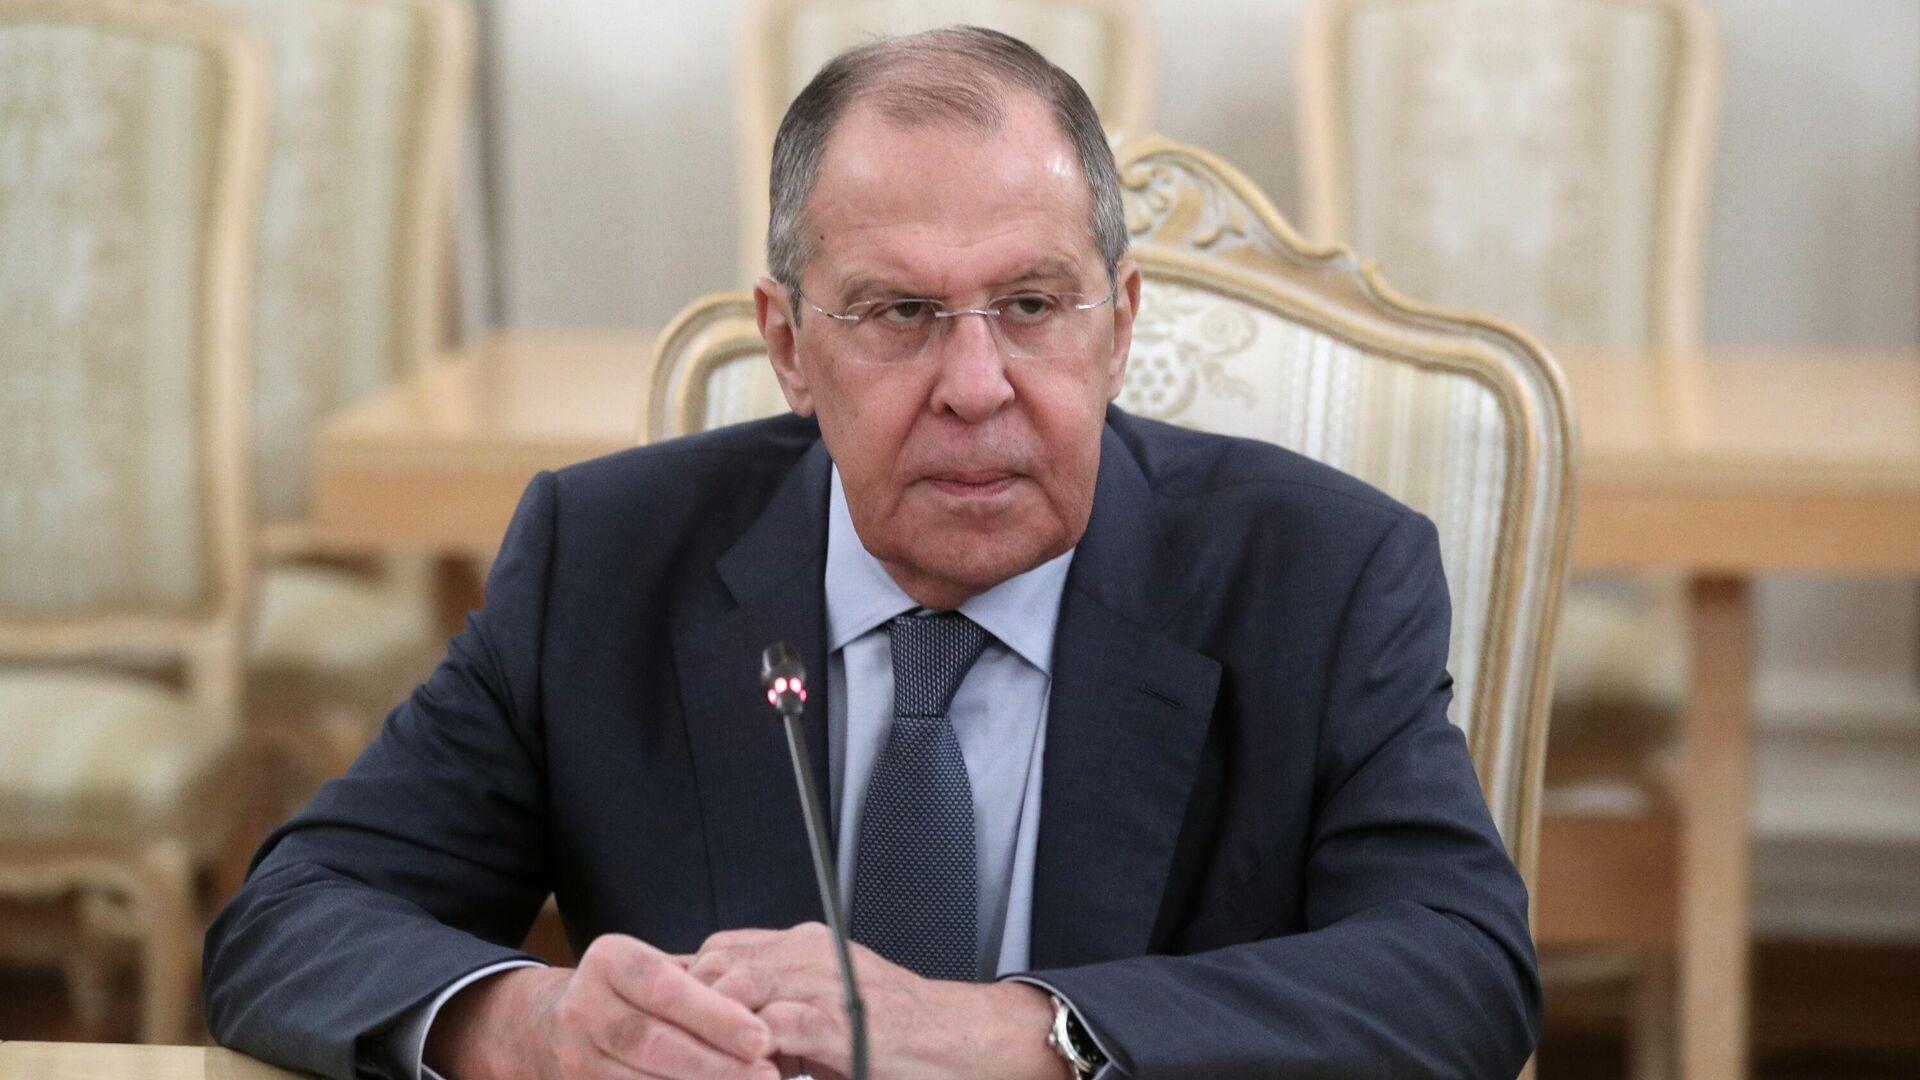 Лавров считает проигрышным путем идеологизацию во внешней политике